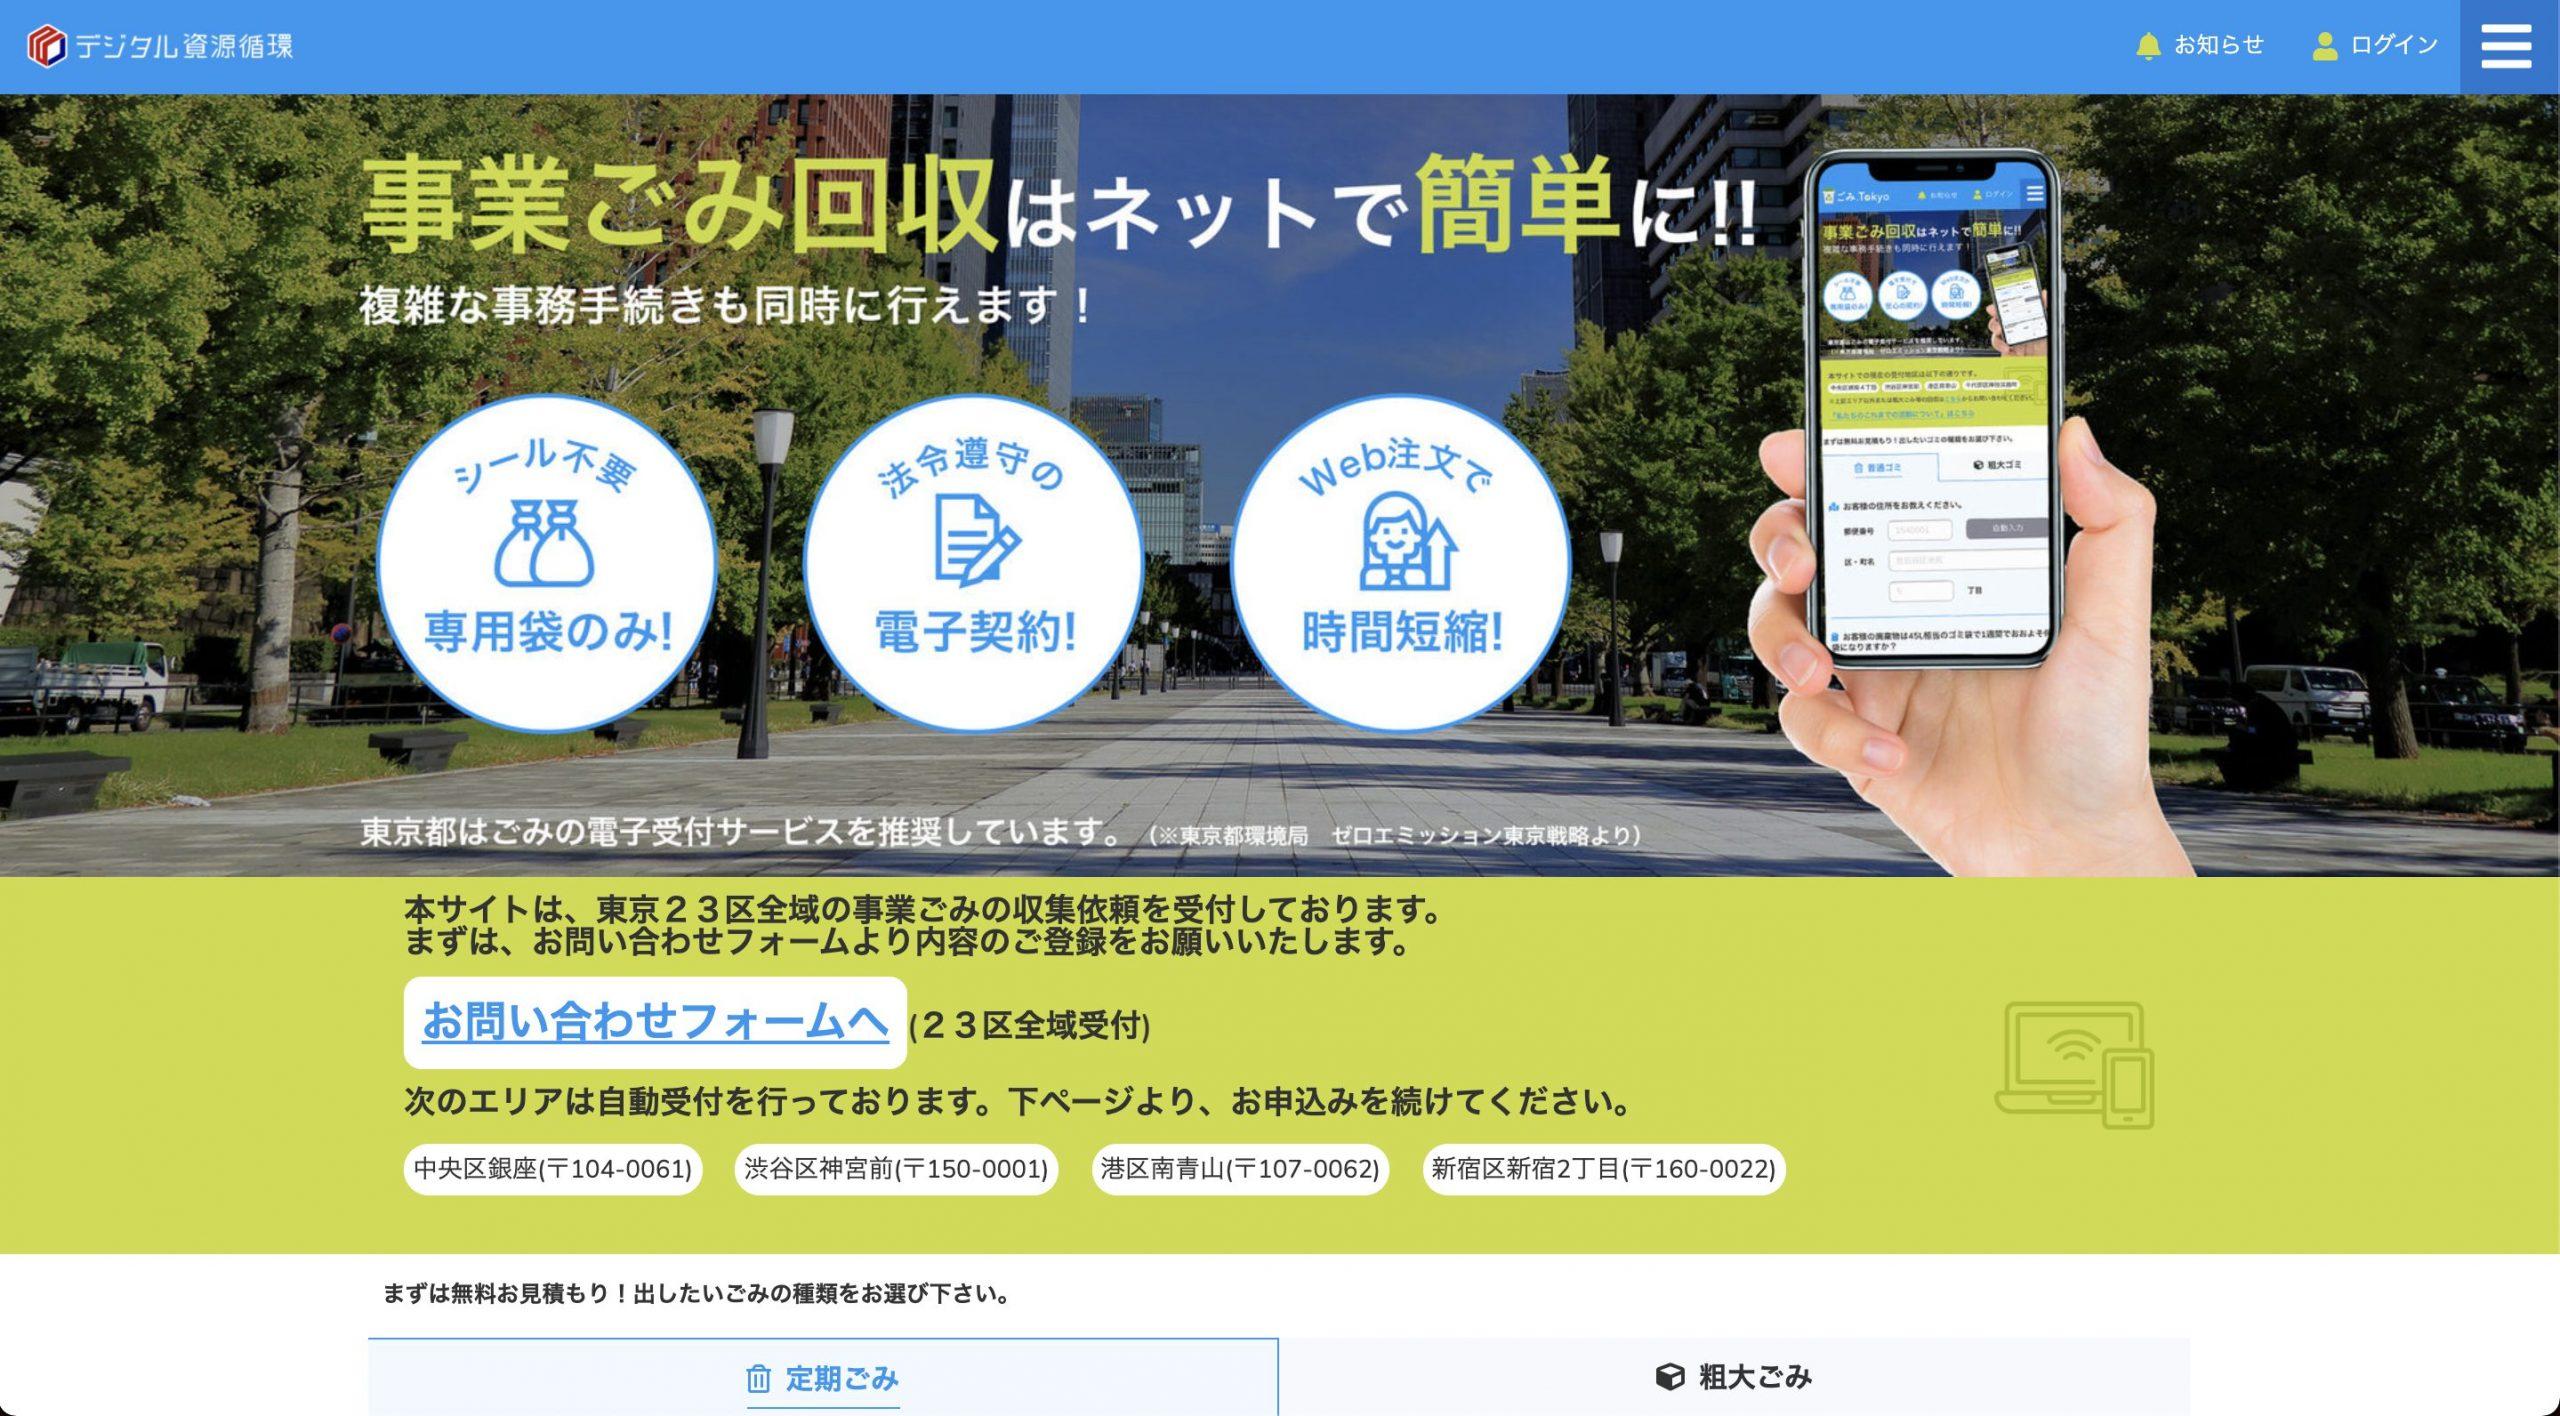 ごみ.tokyo サイト画像